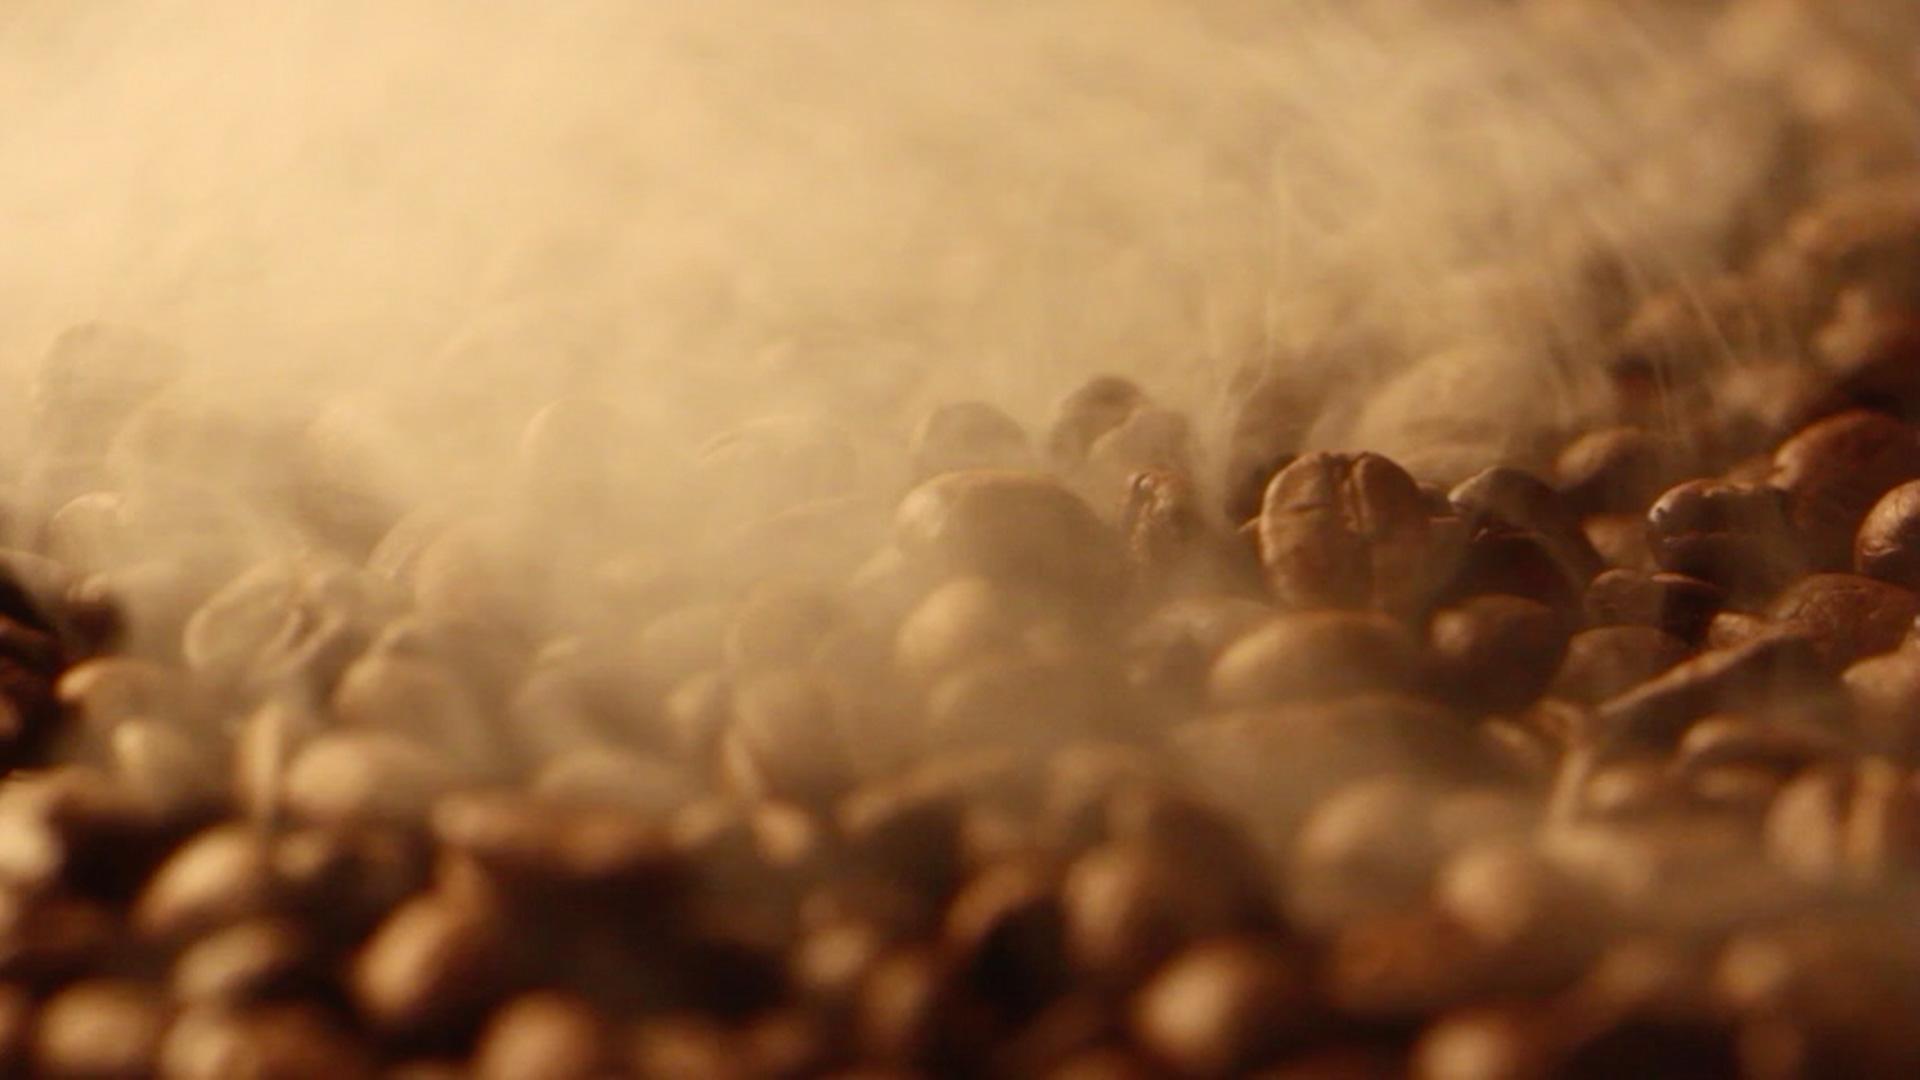 Caffetteria è la linea di detergenti professionali le cui fragranze puliscono a fondo ed esaltano il profumo tipico della colazione e break quotidiani